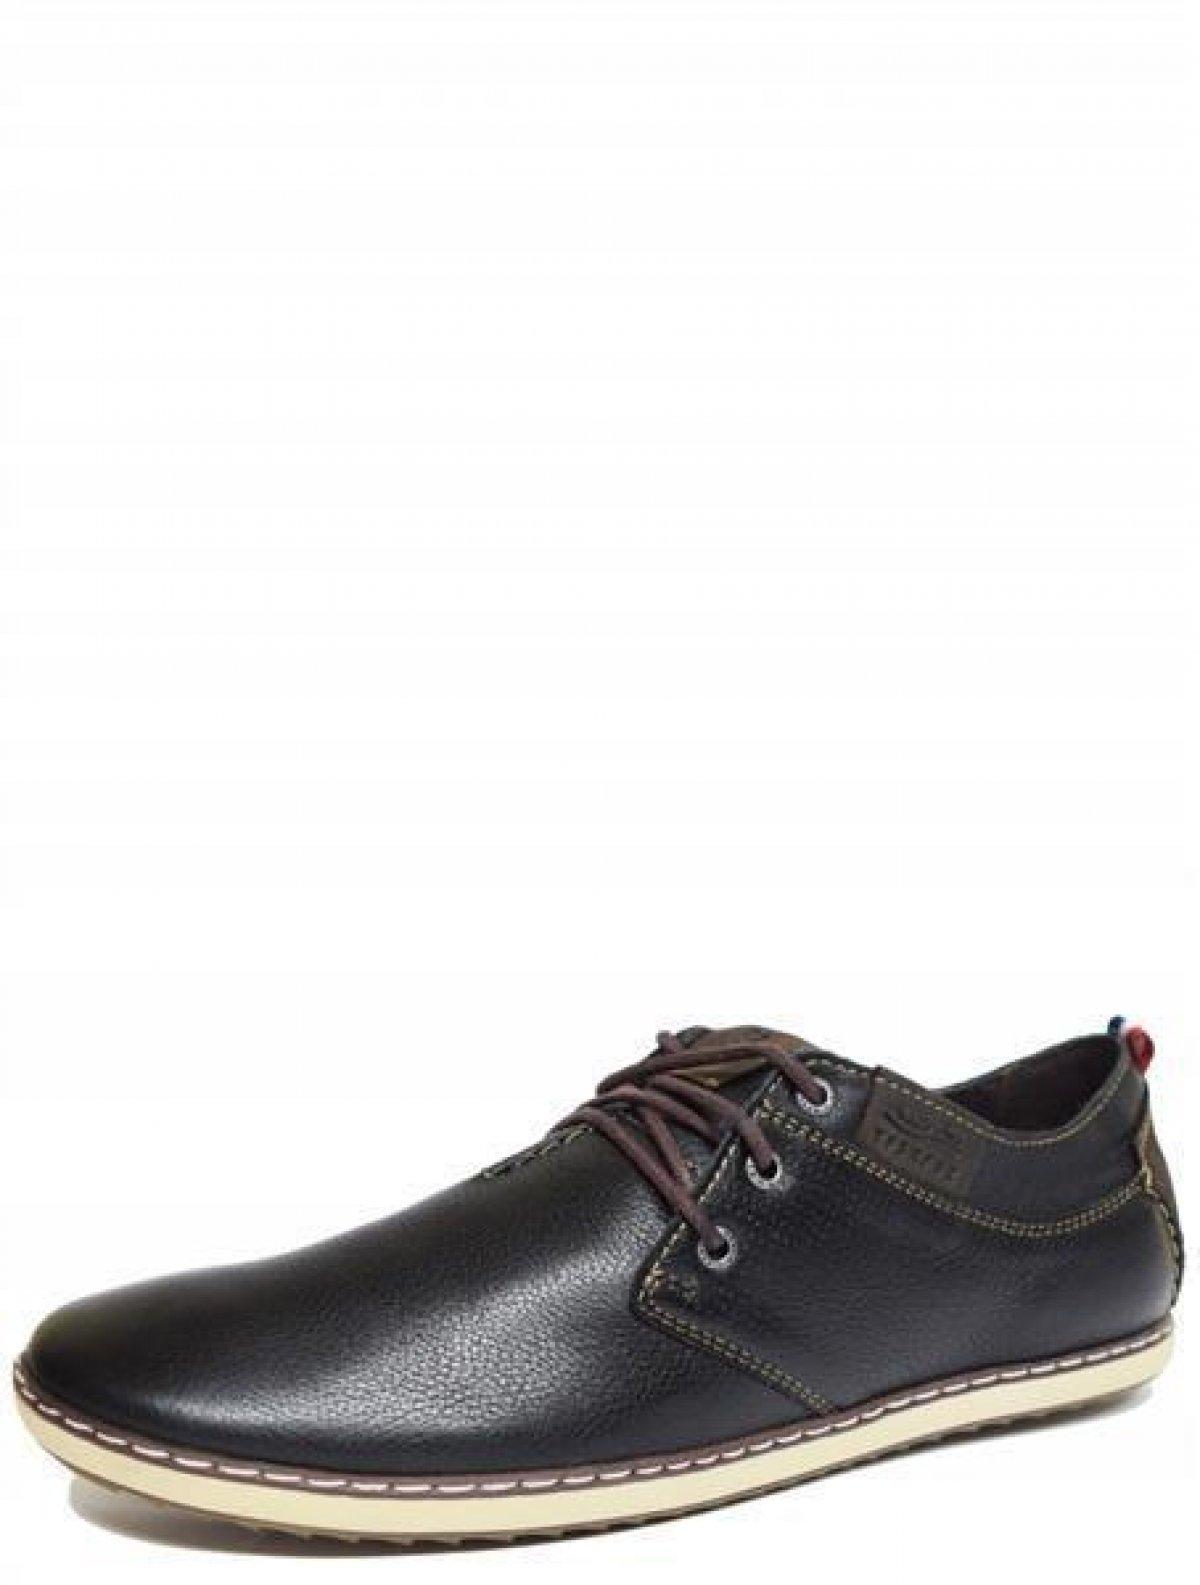 617817-5 туфли мужские